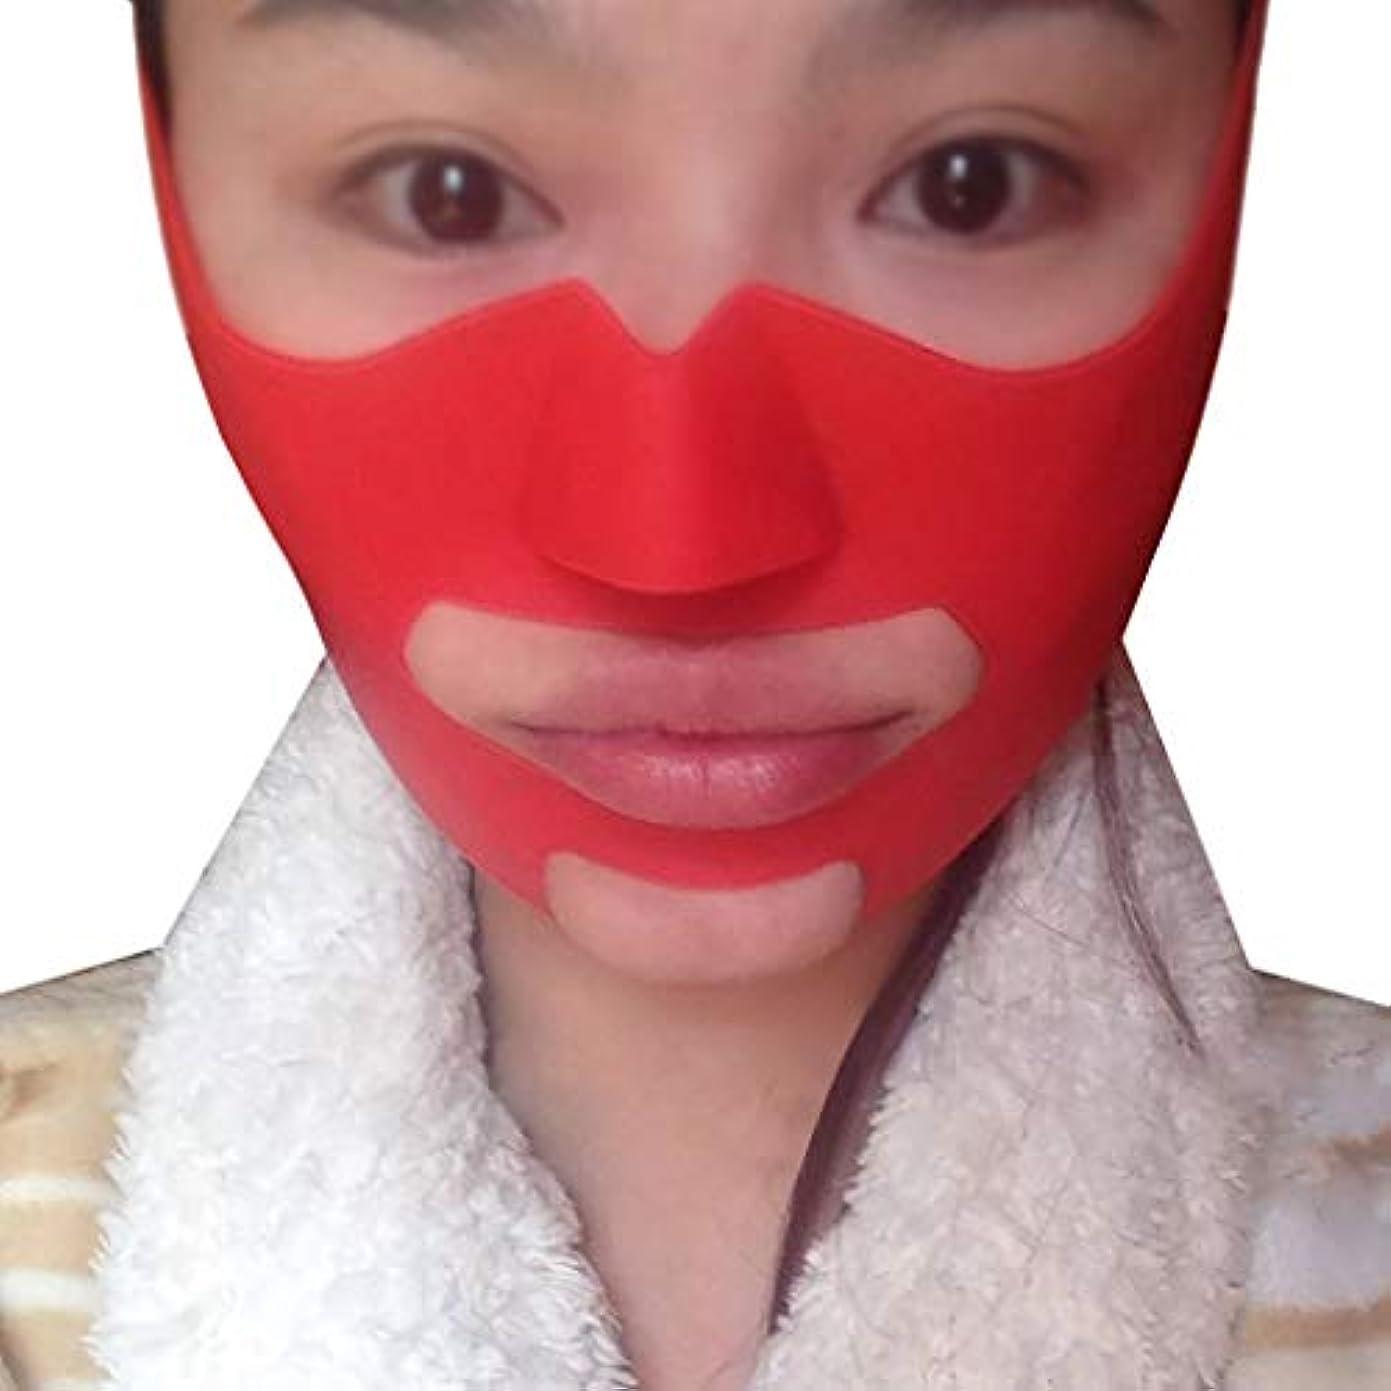 寝具敵意ピニオンフェイスリフトマスク、シリコーンVフェイスマスクフェイスマスク強力な薄い咬筋の筋肉は、パターンのアーティファクト小さなVフェイス包帯の顔と首のリフトを解くためにリンゴの筋肉を持ち上げます